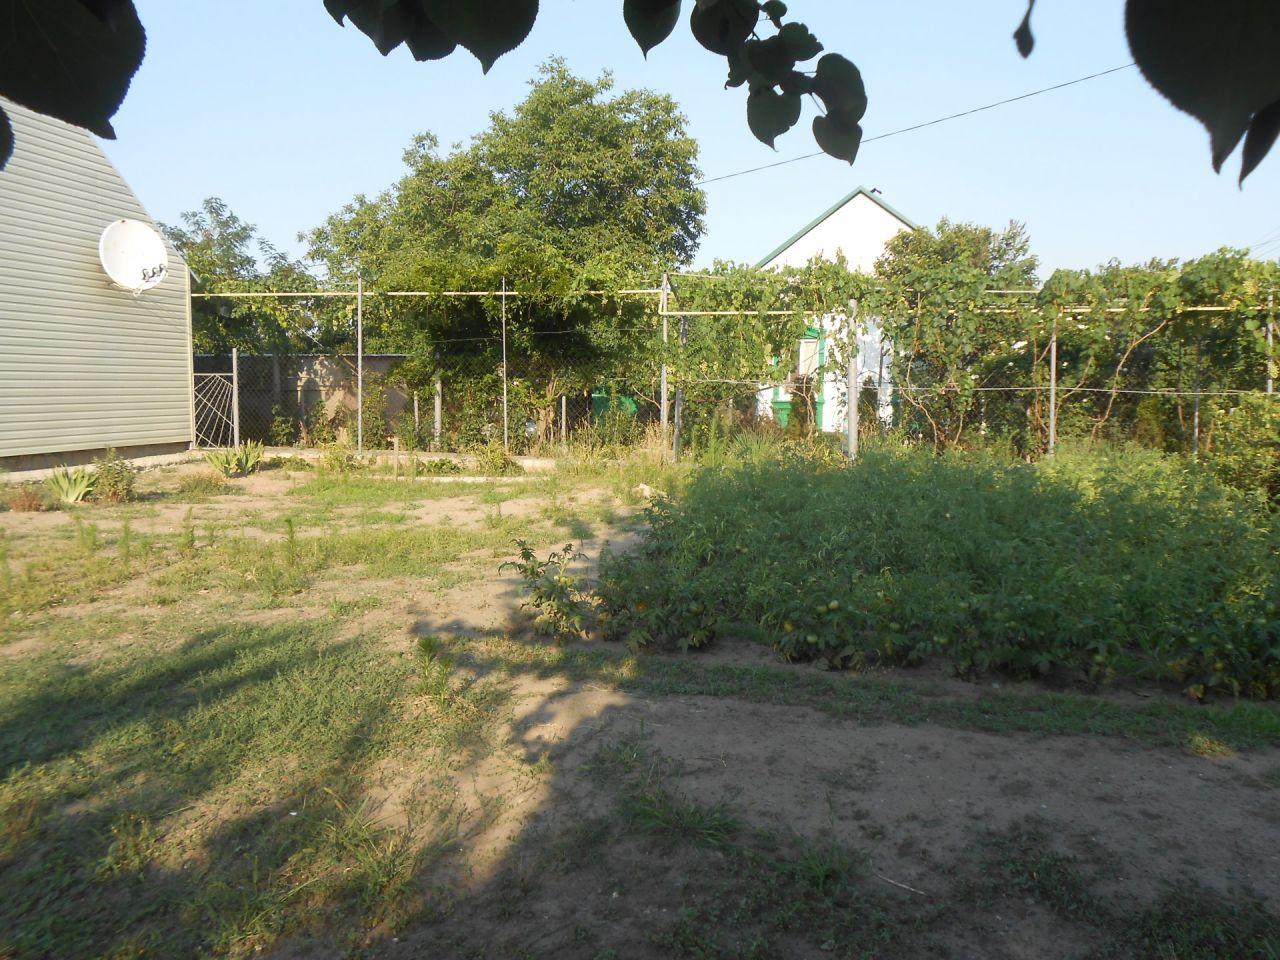 продам земельный участок в размере 10 соток по ул. белякова под строительство жило ...